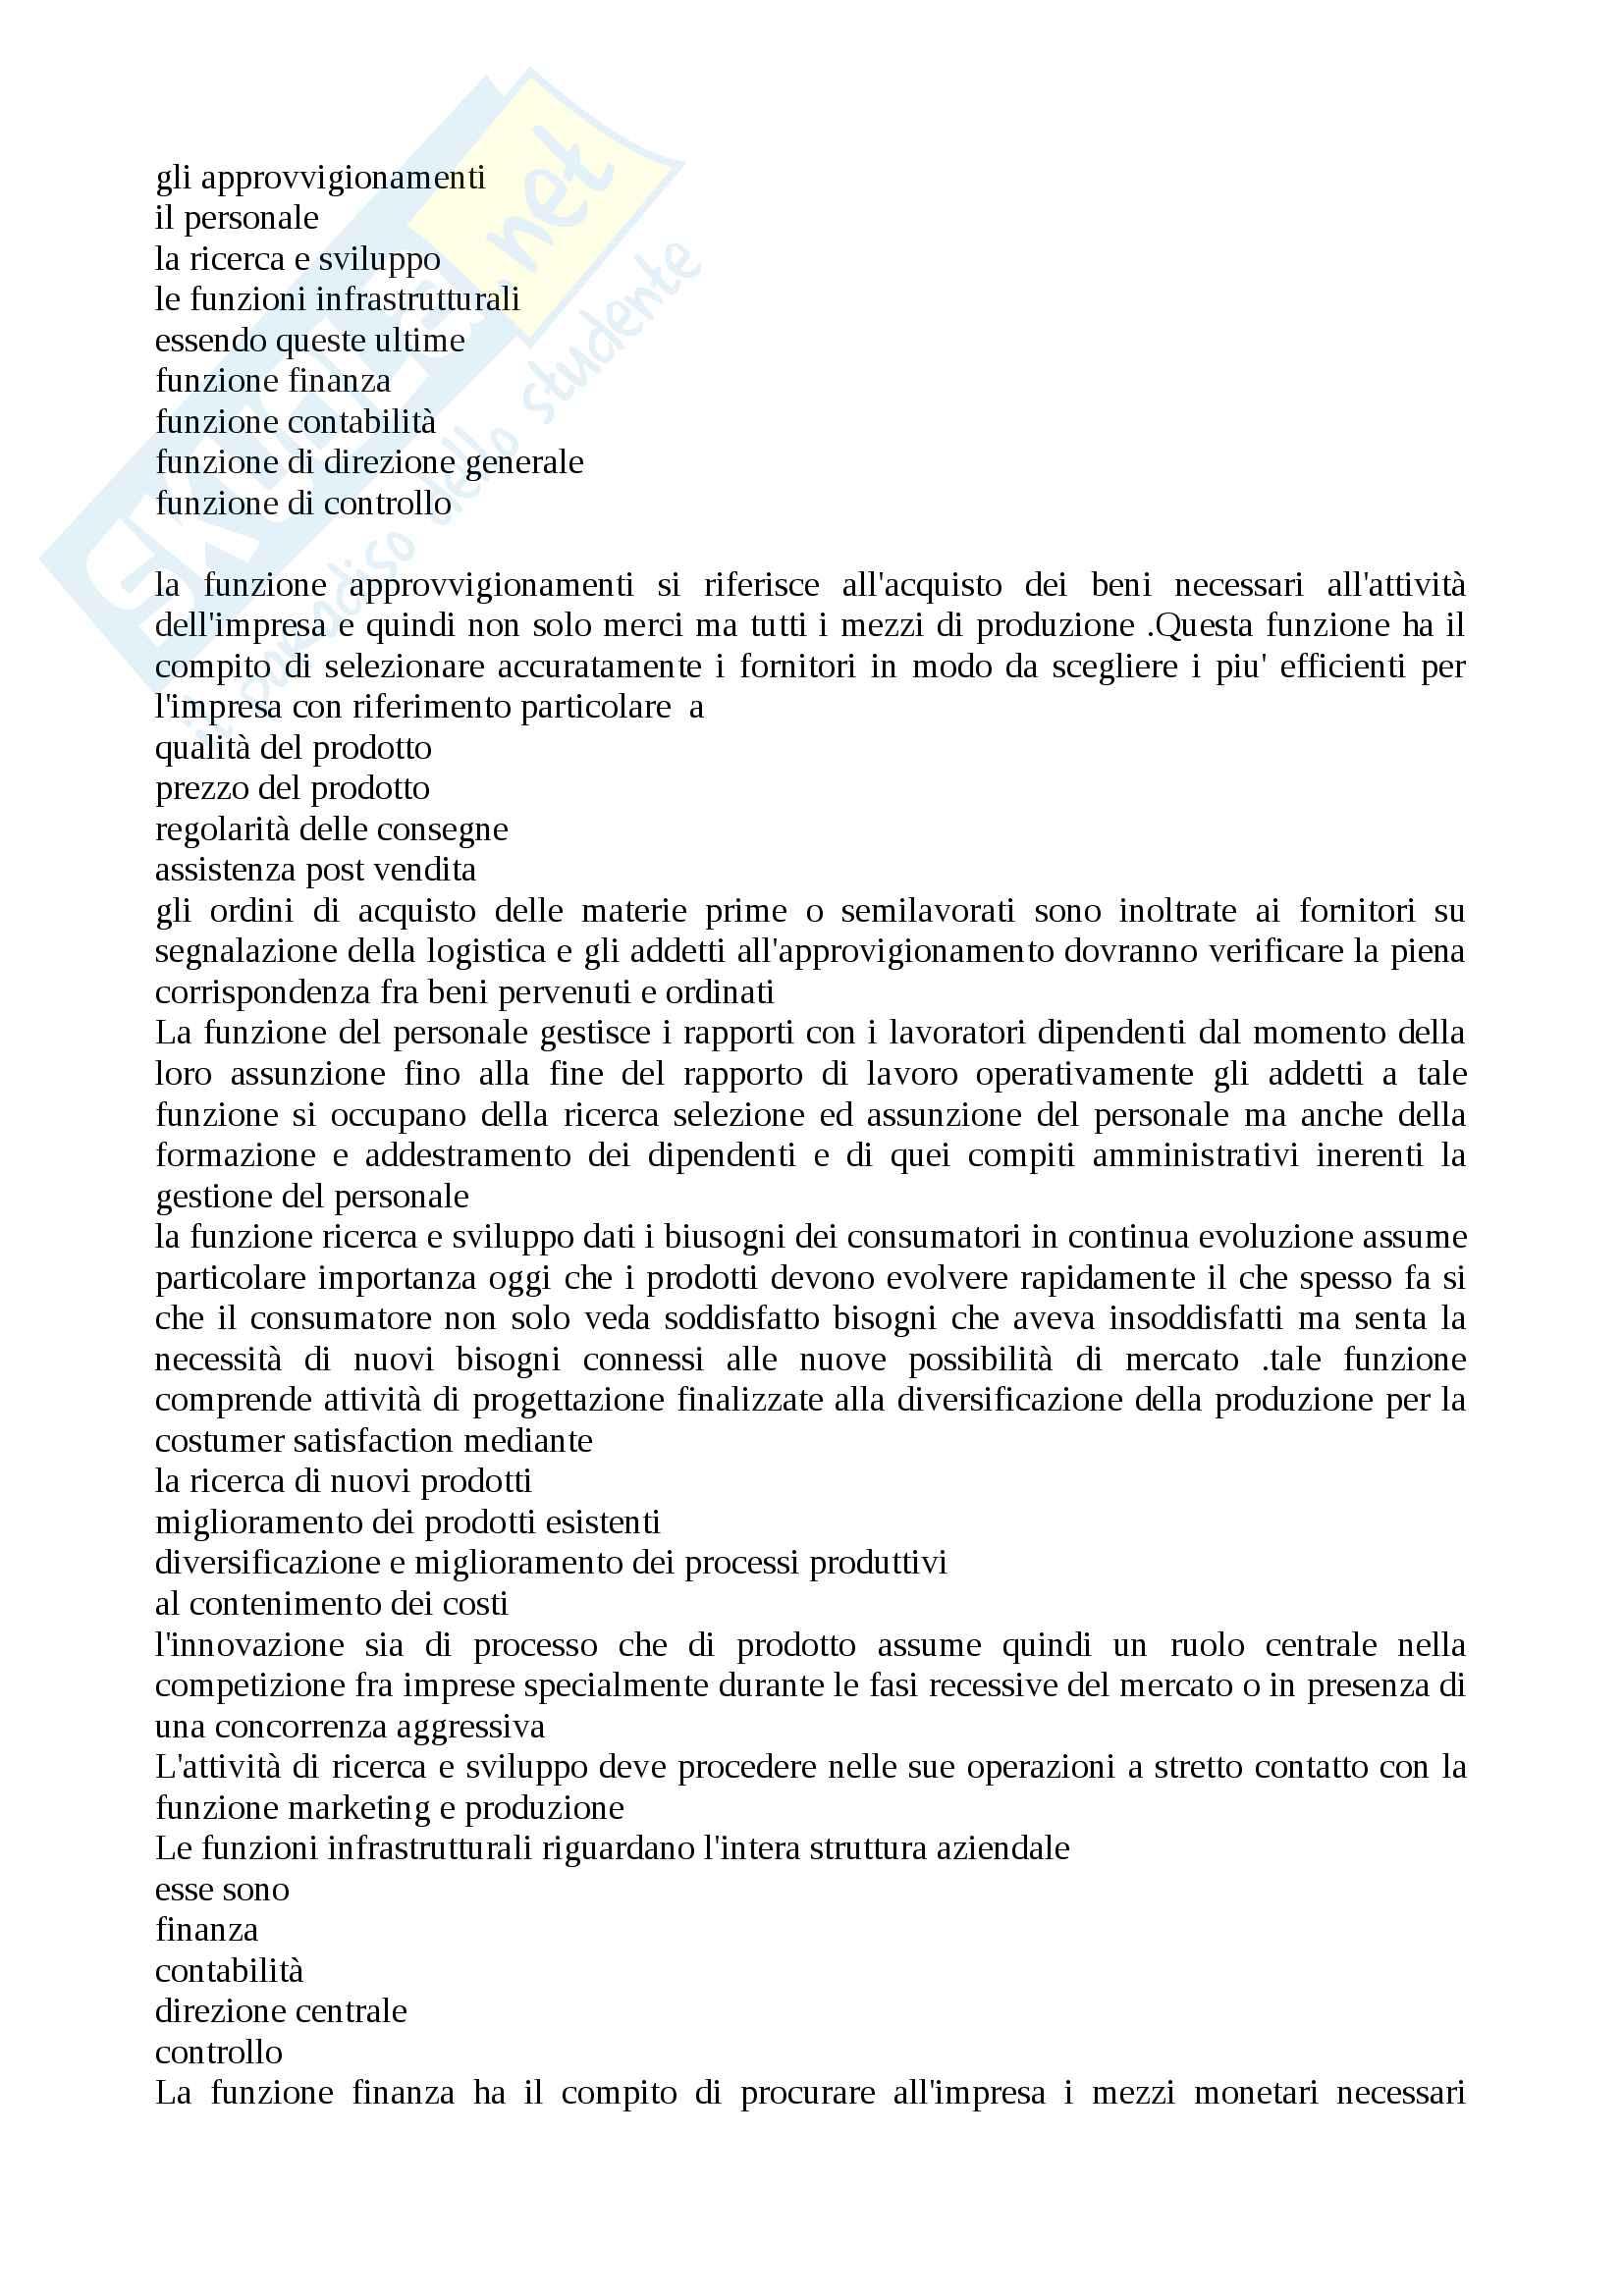 Appunti sull'azienda Pag. 6